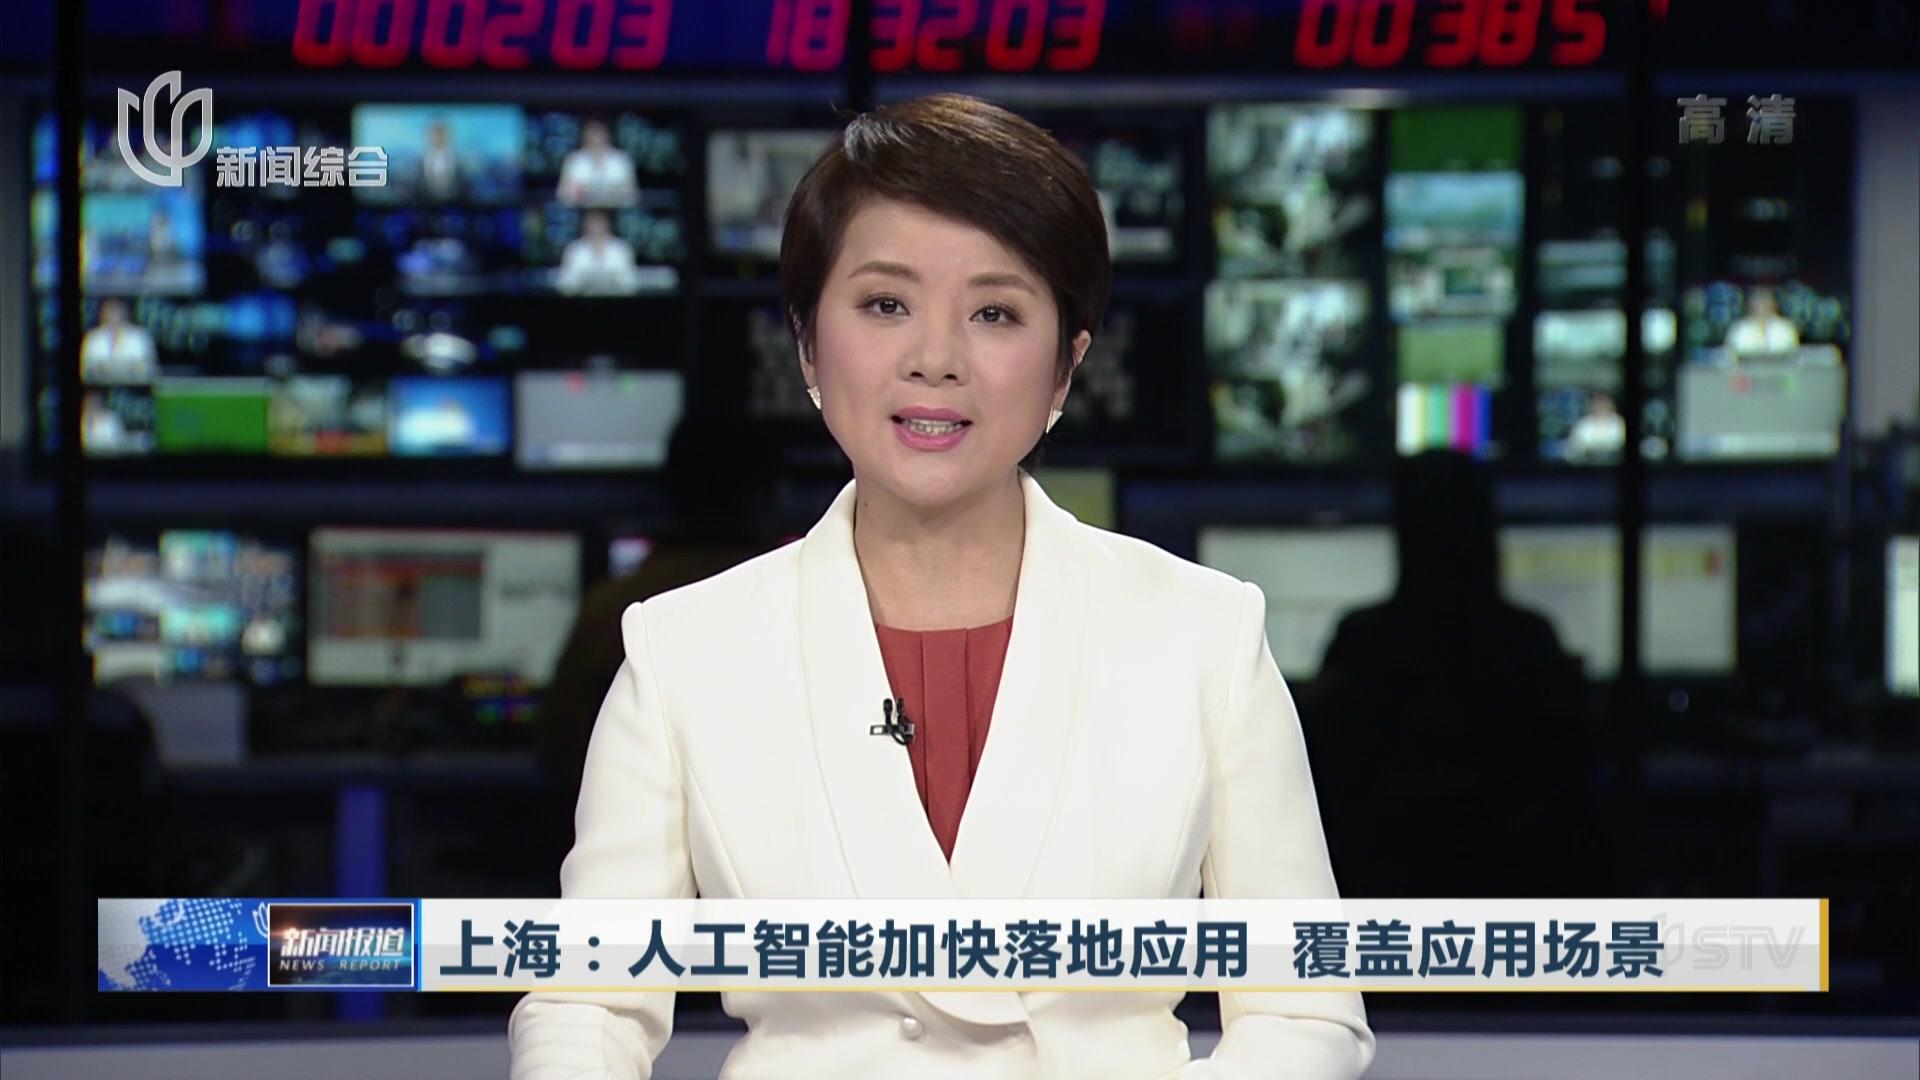 上海:人工智能加快落地应用  覆盖应用场景